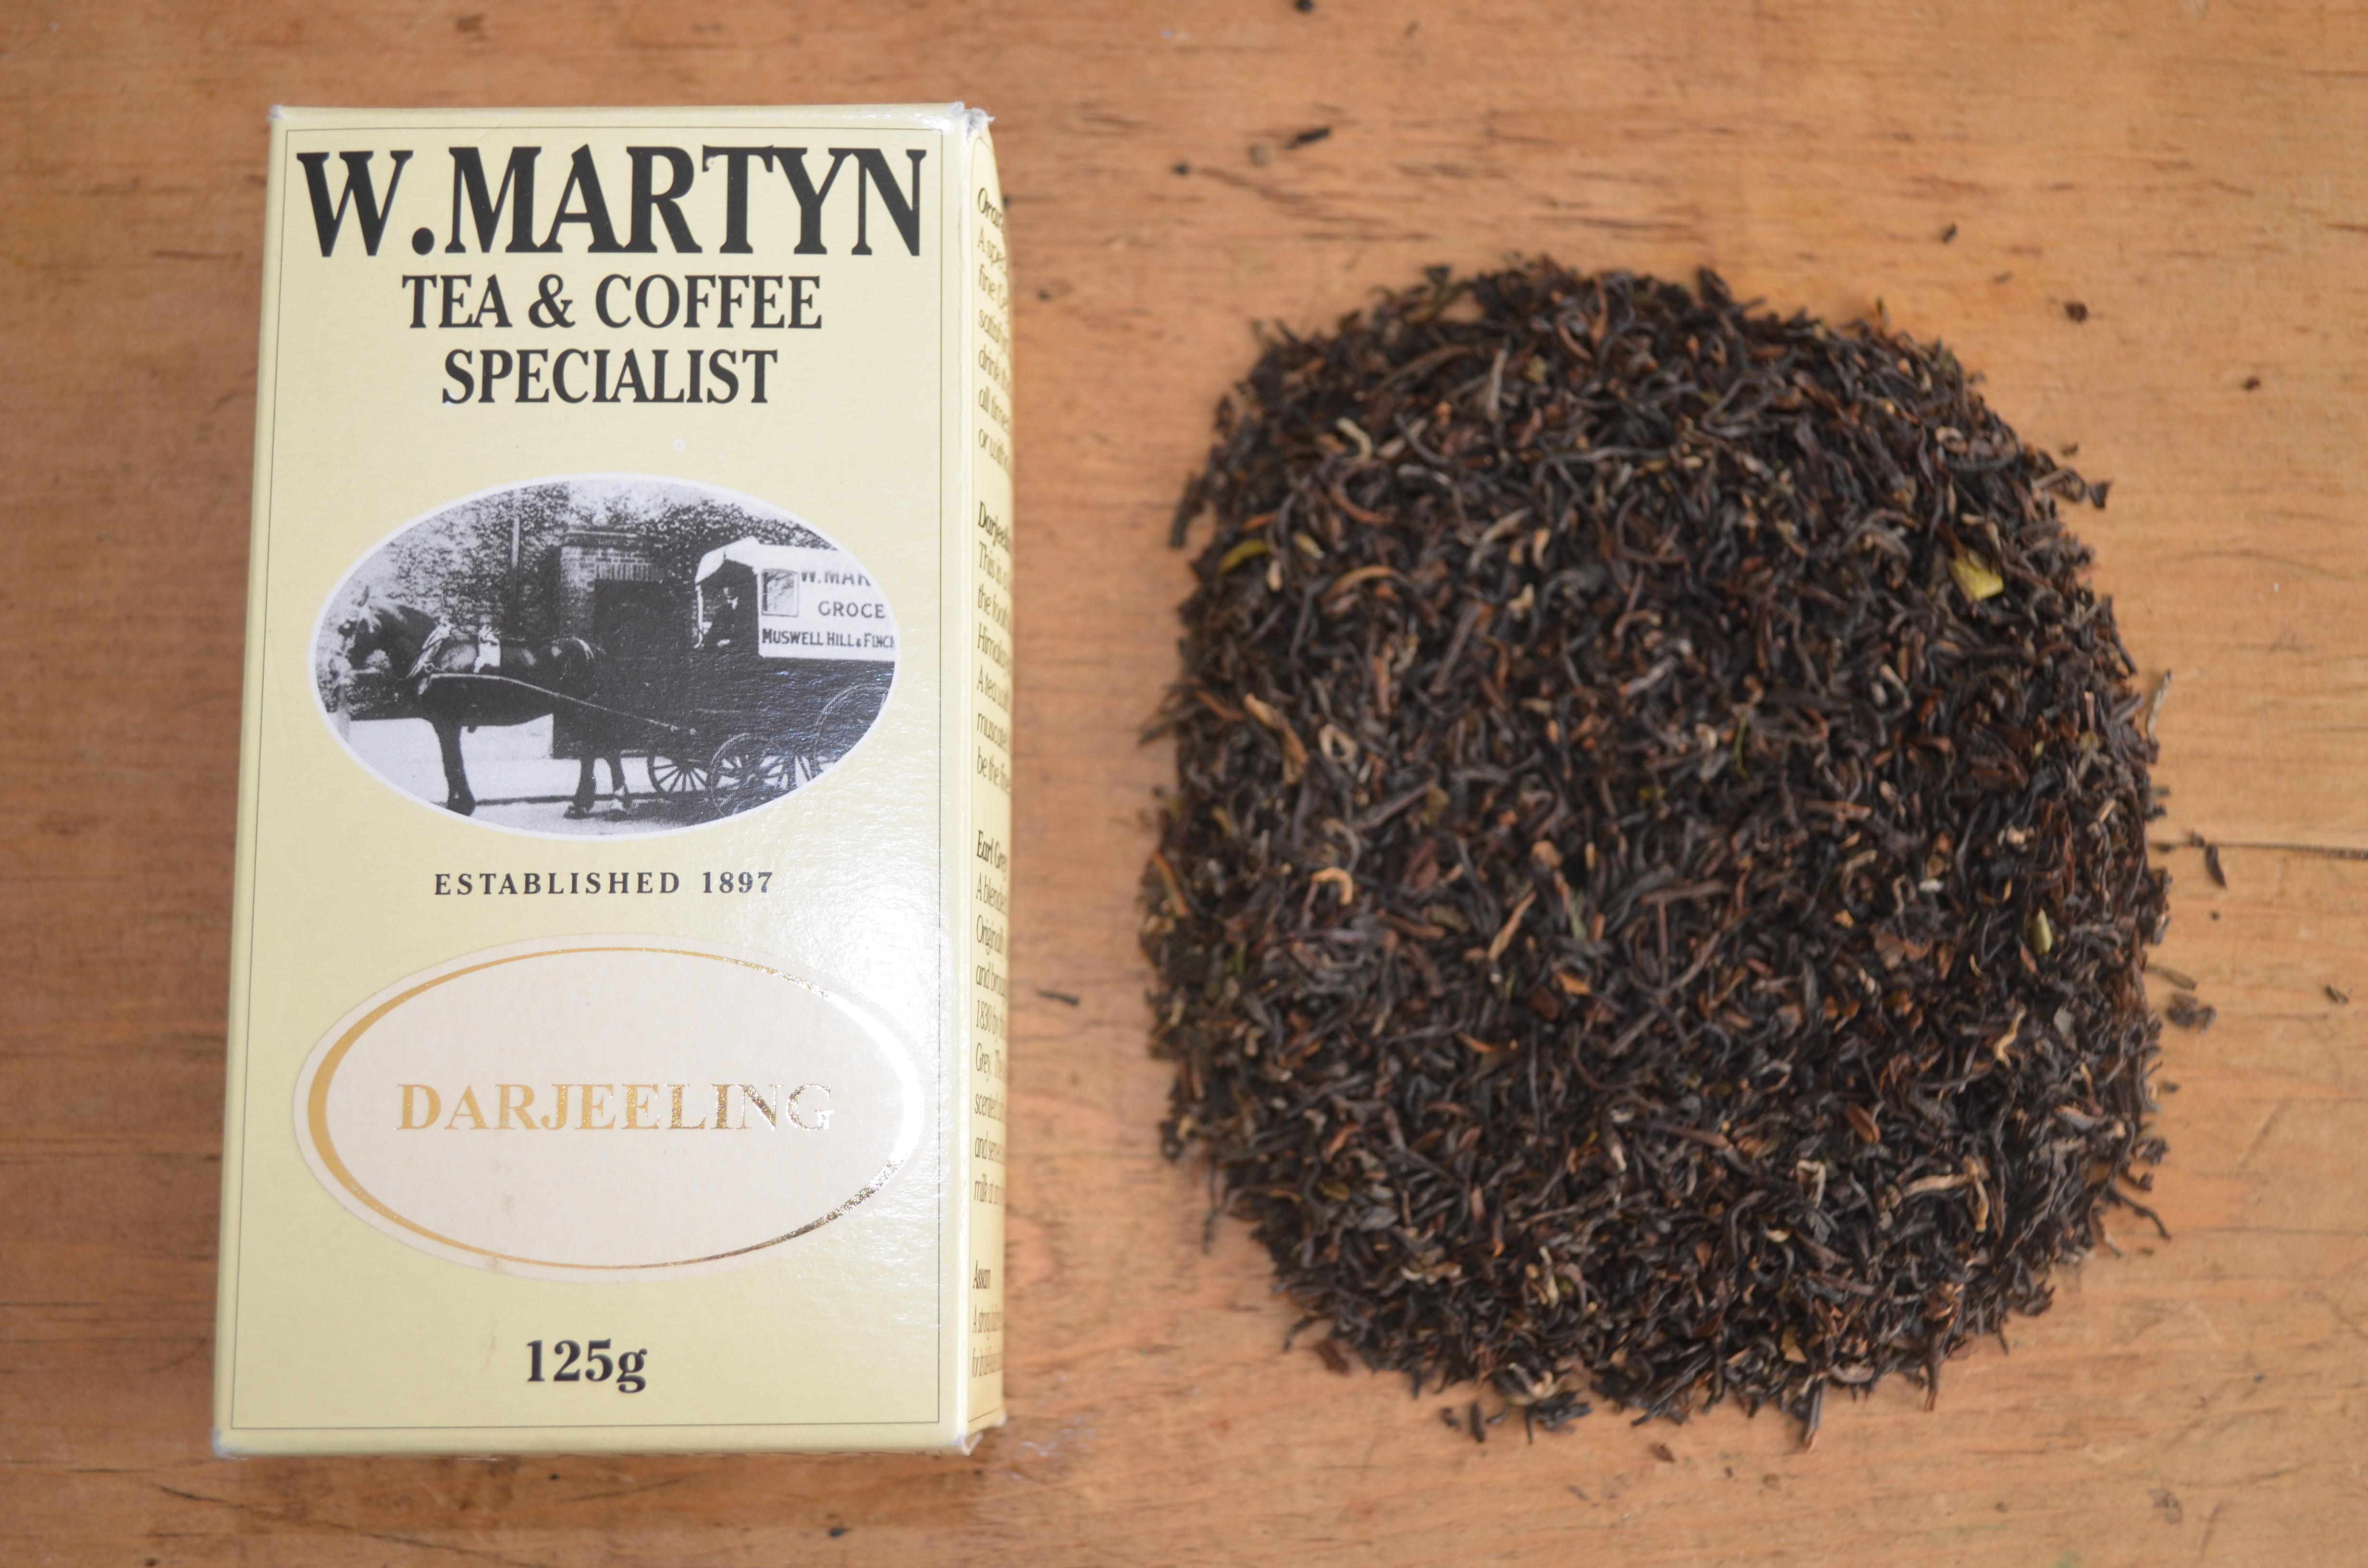 WMartyn Darjeeling Tea